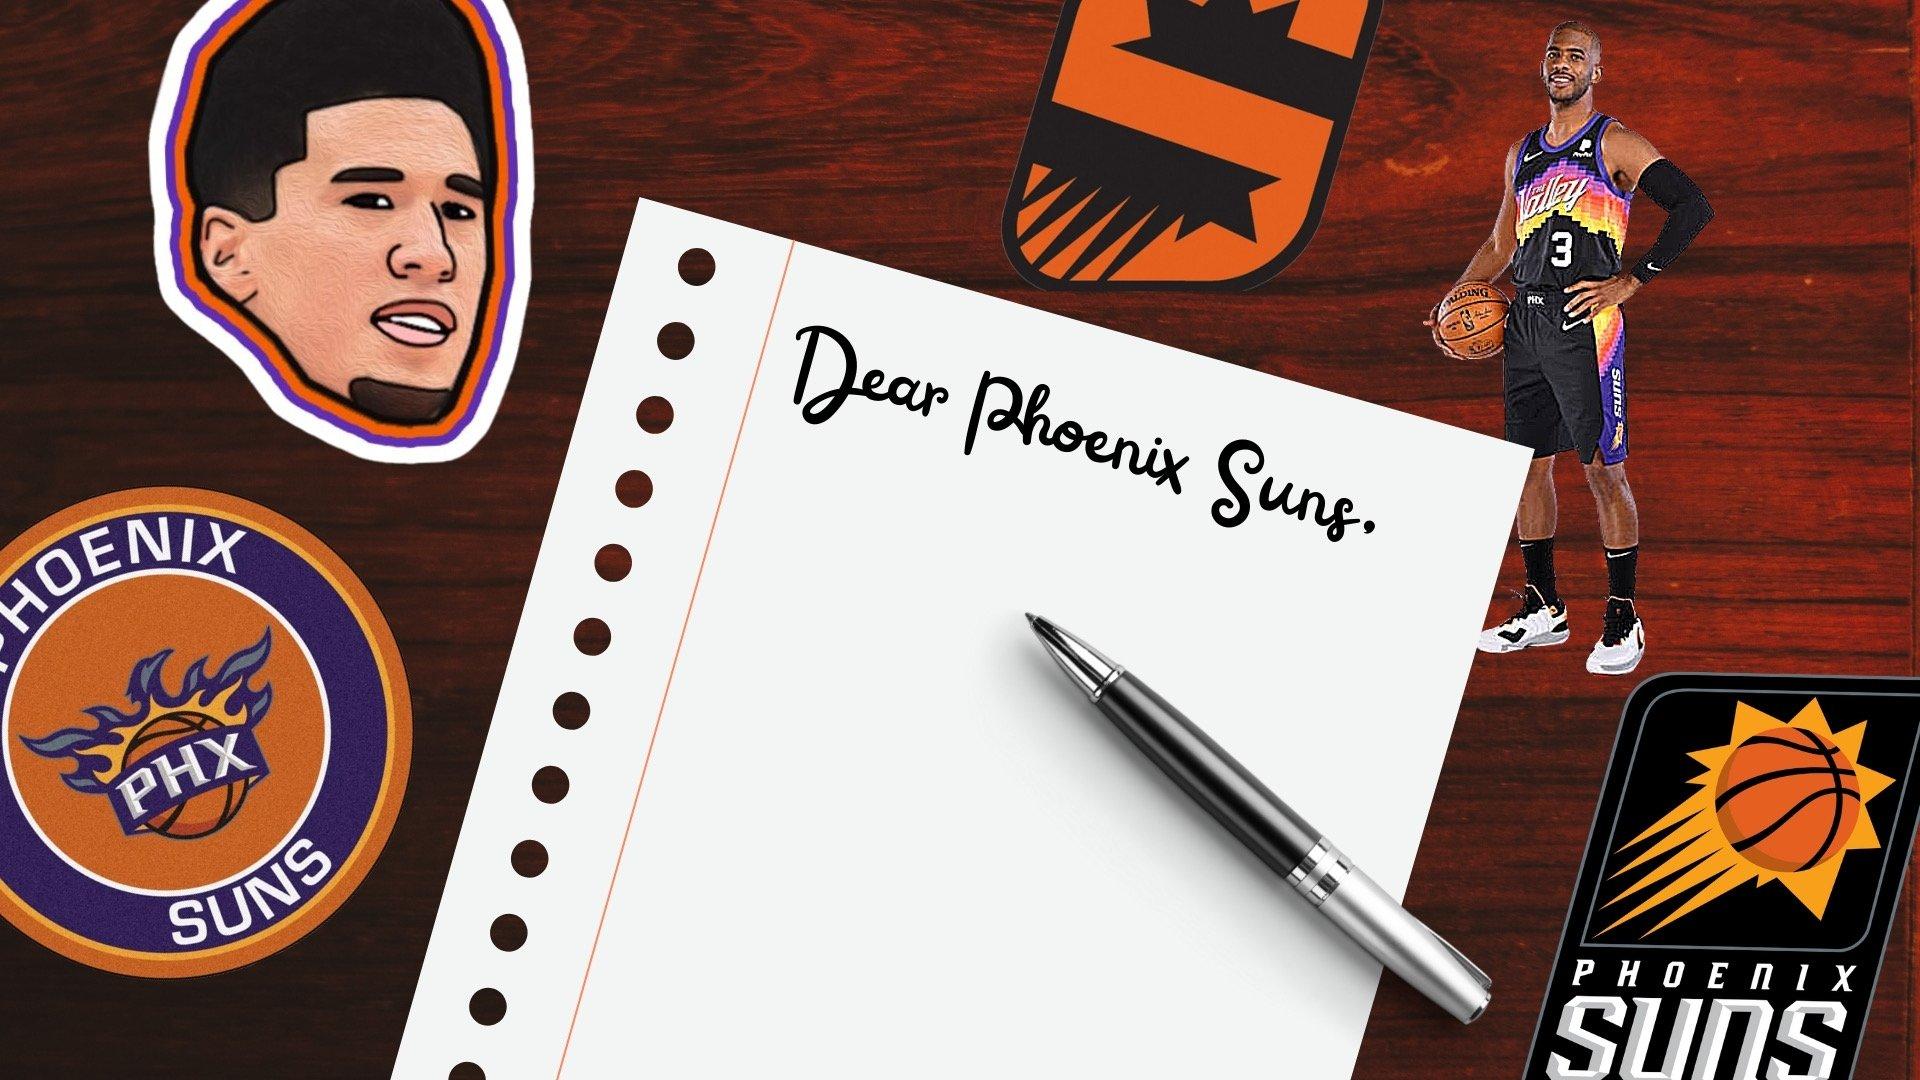 Dear Suns